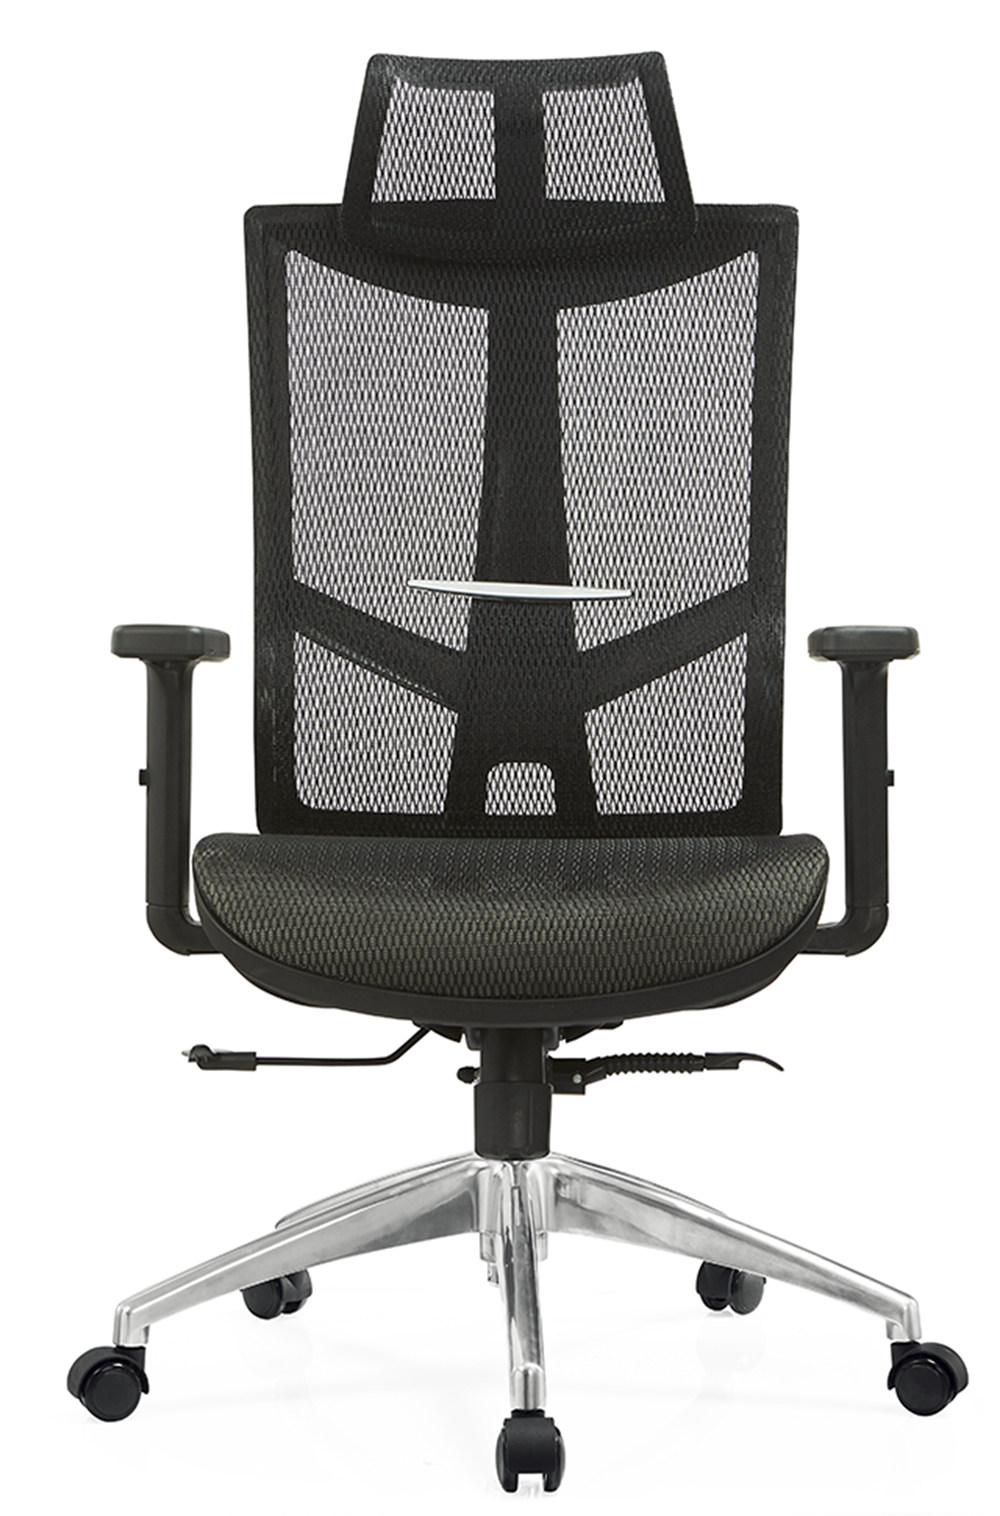 经理椅-11